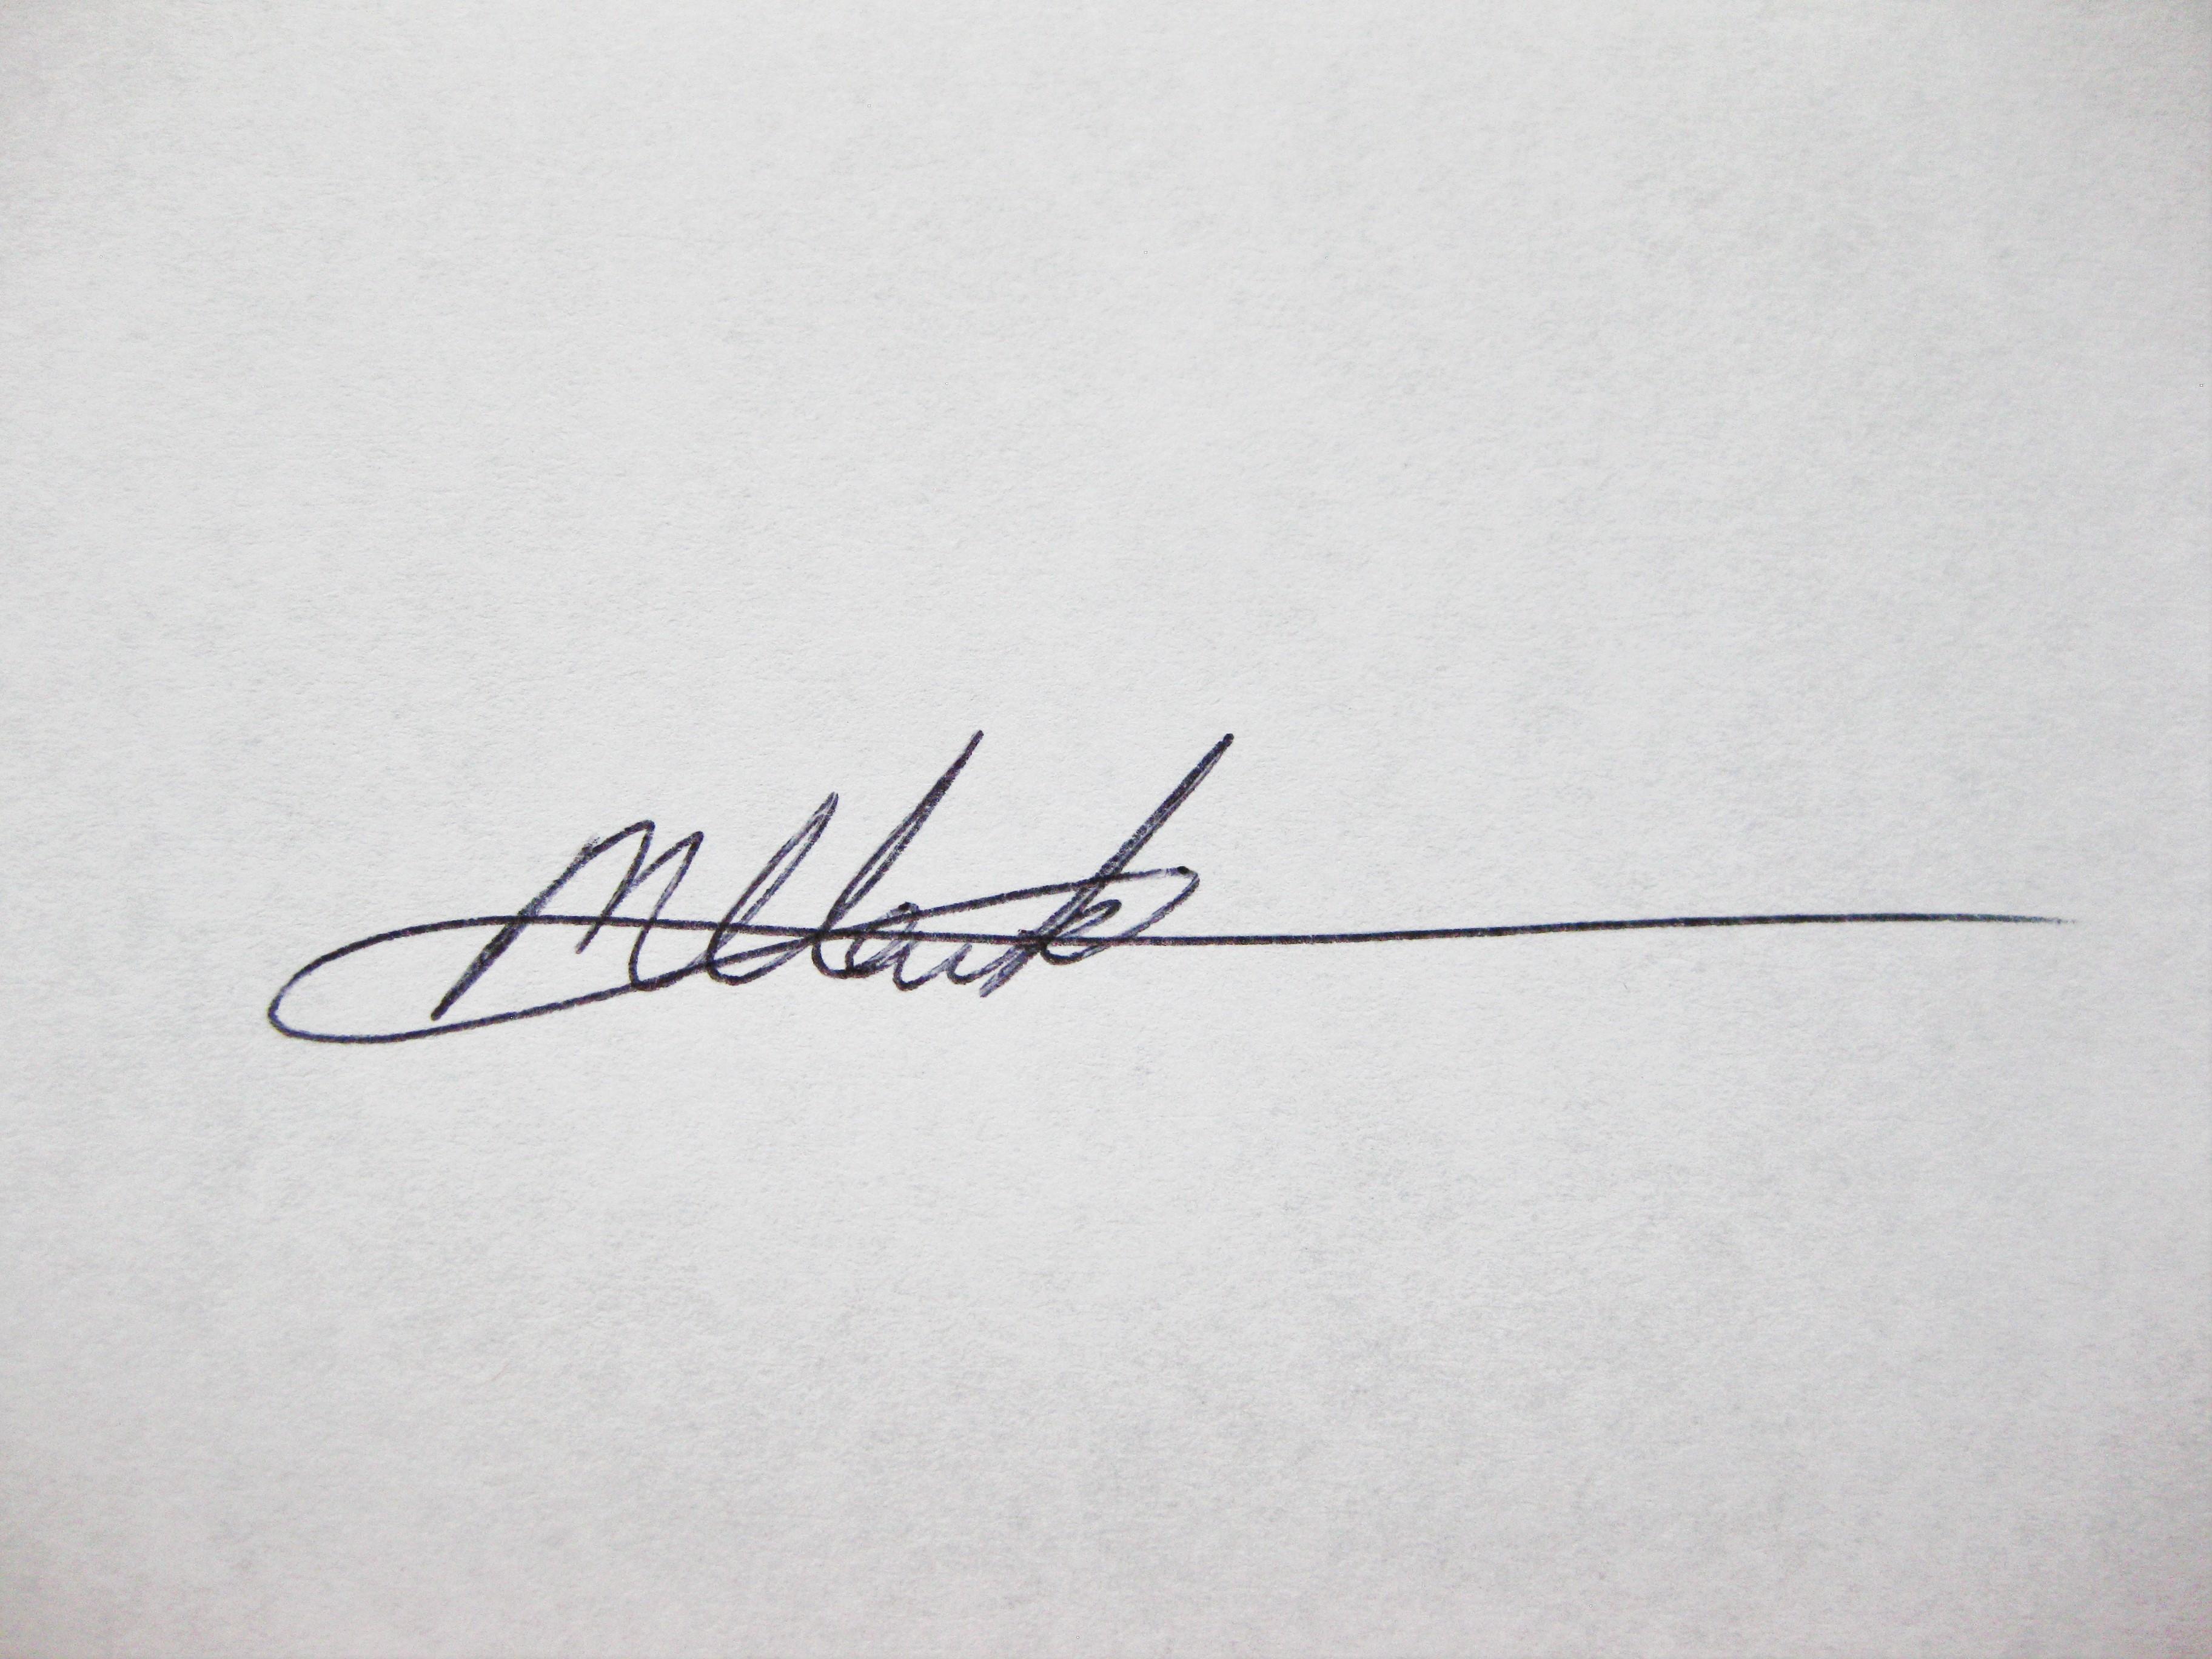 Melissa H. Clark's Signature